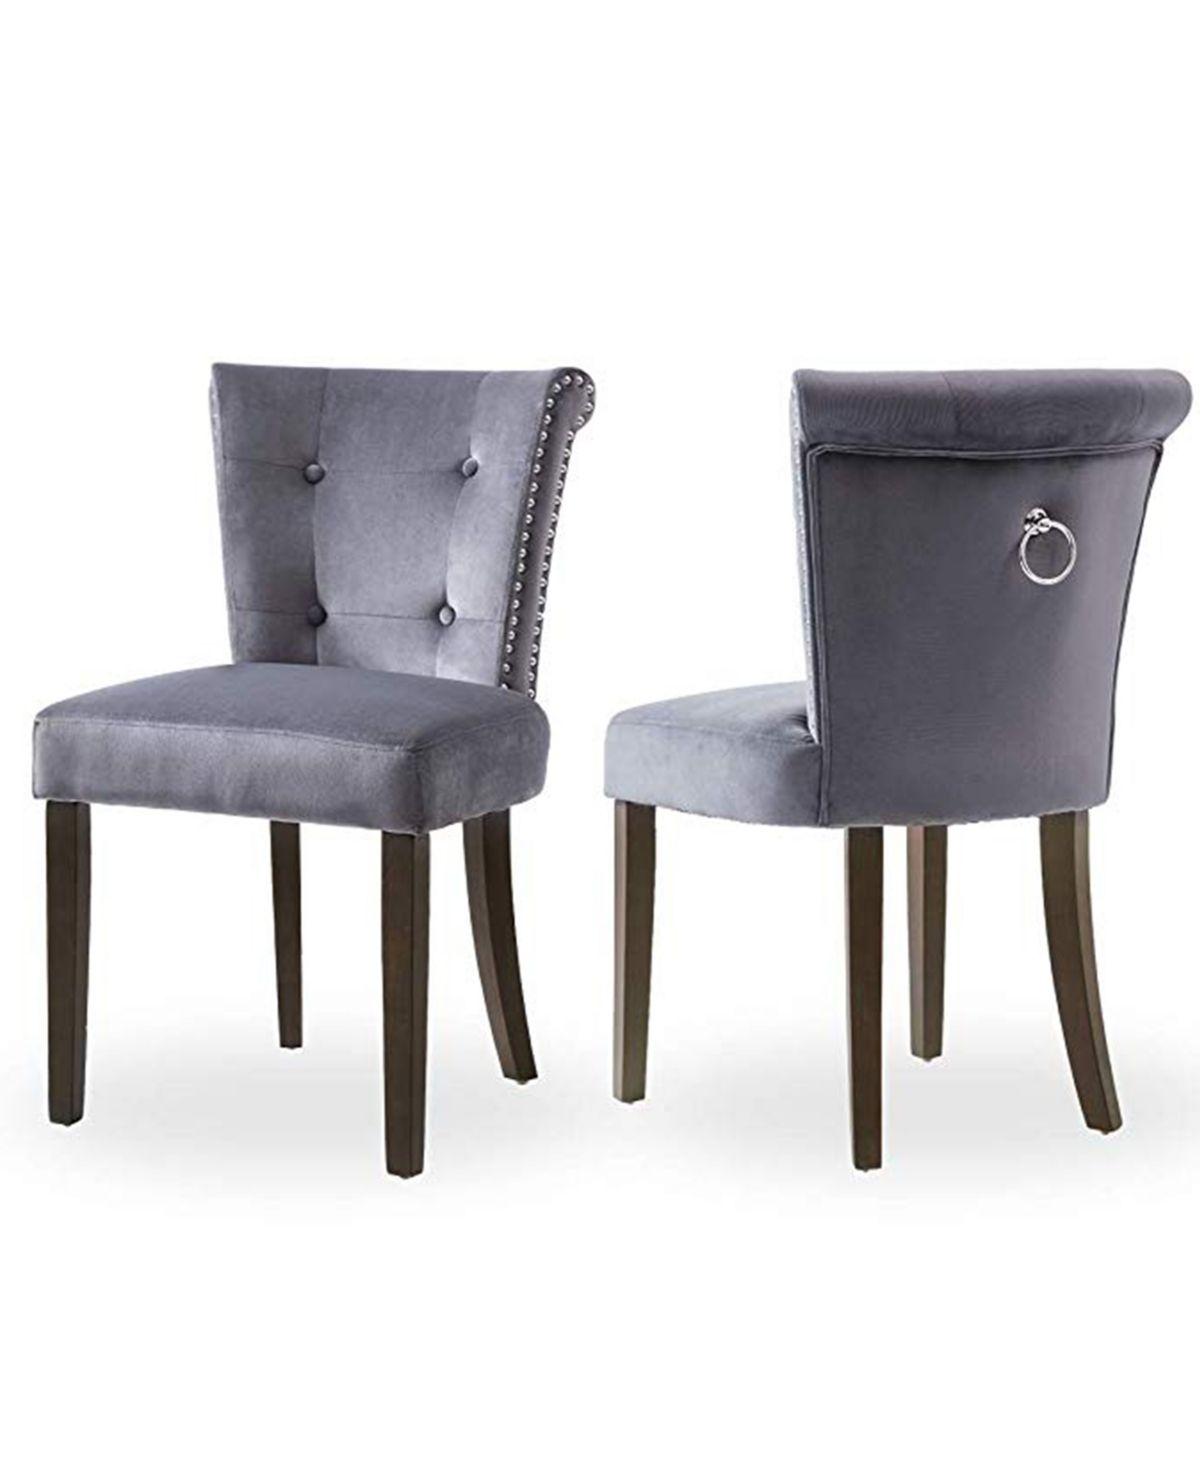 Best Harper Bright Designs Dining Chair Set Of 2 Dark Gray 400 x 300